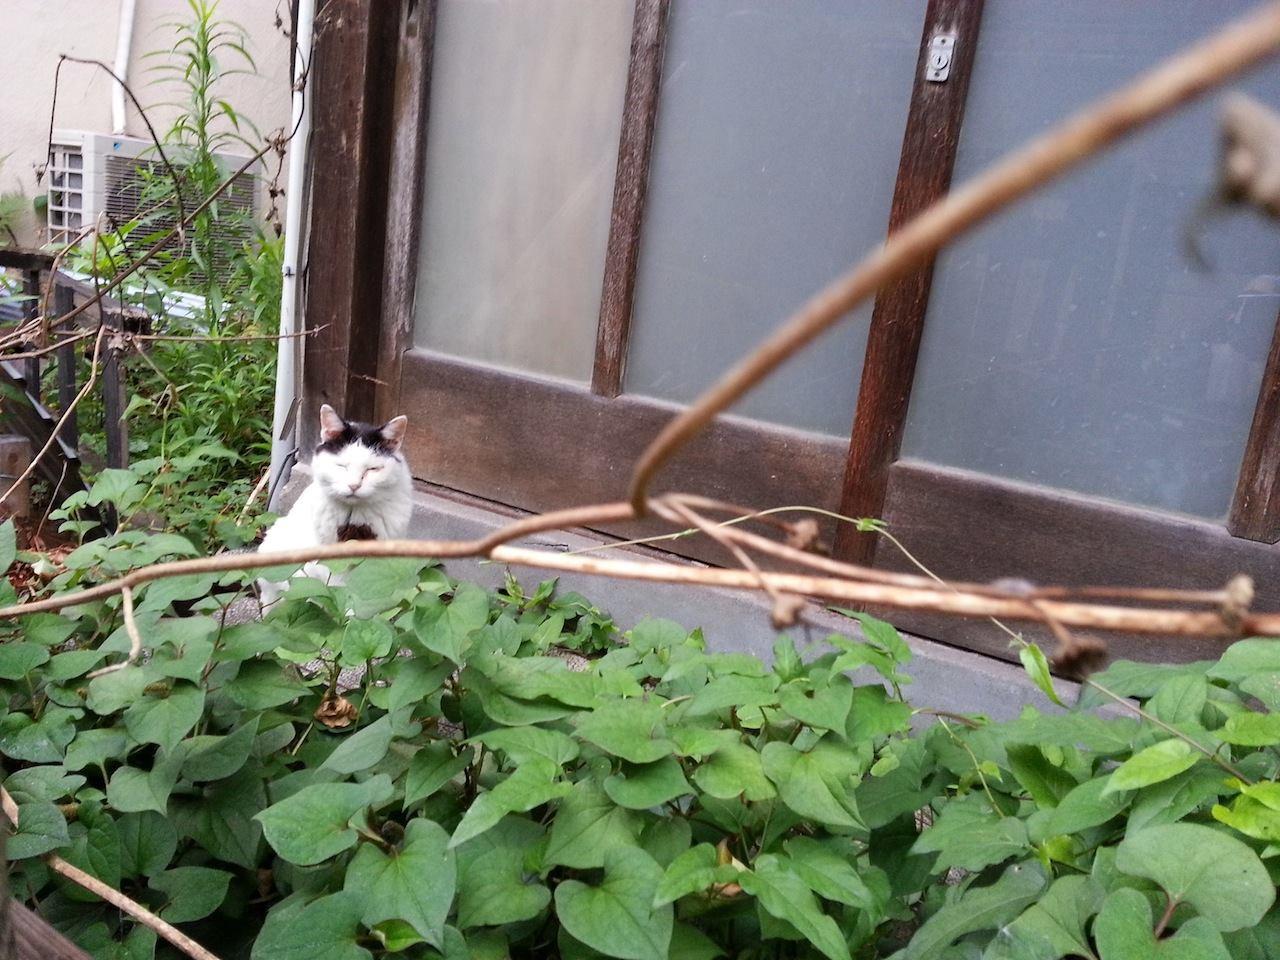 梅雨明け...うふふ♡ 【2014年7月18日】